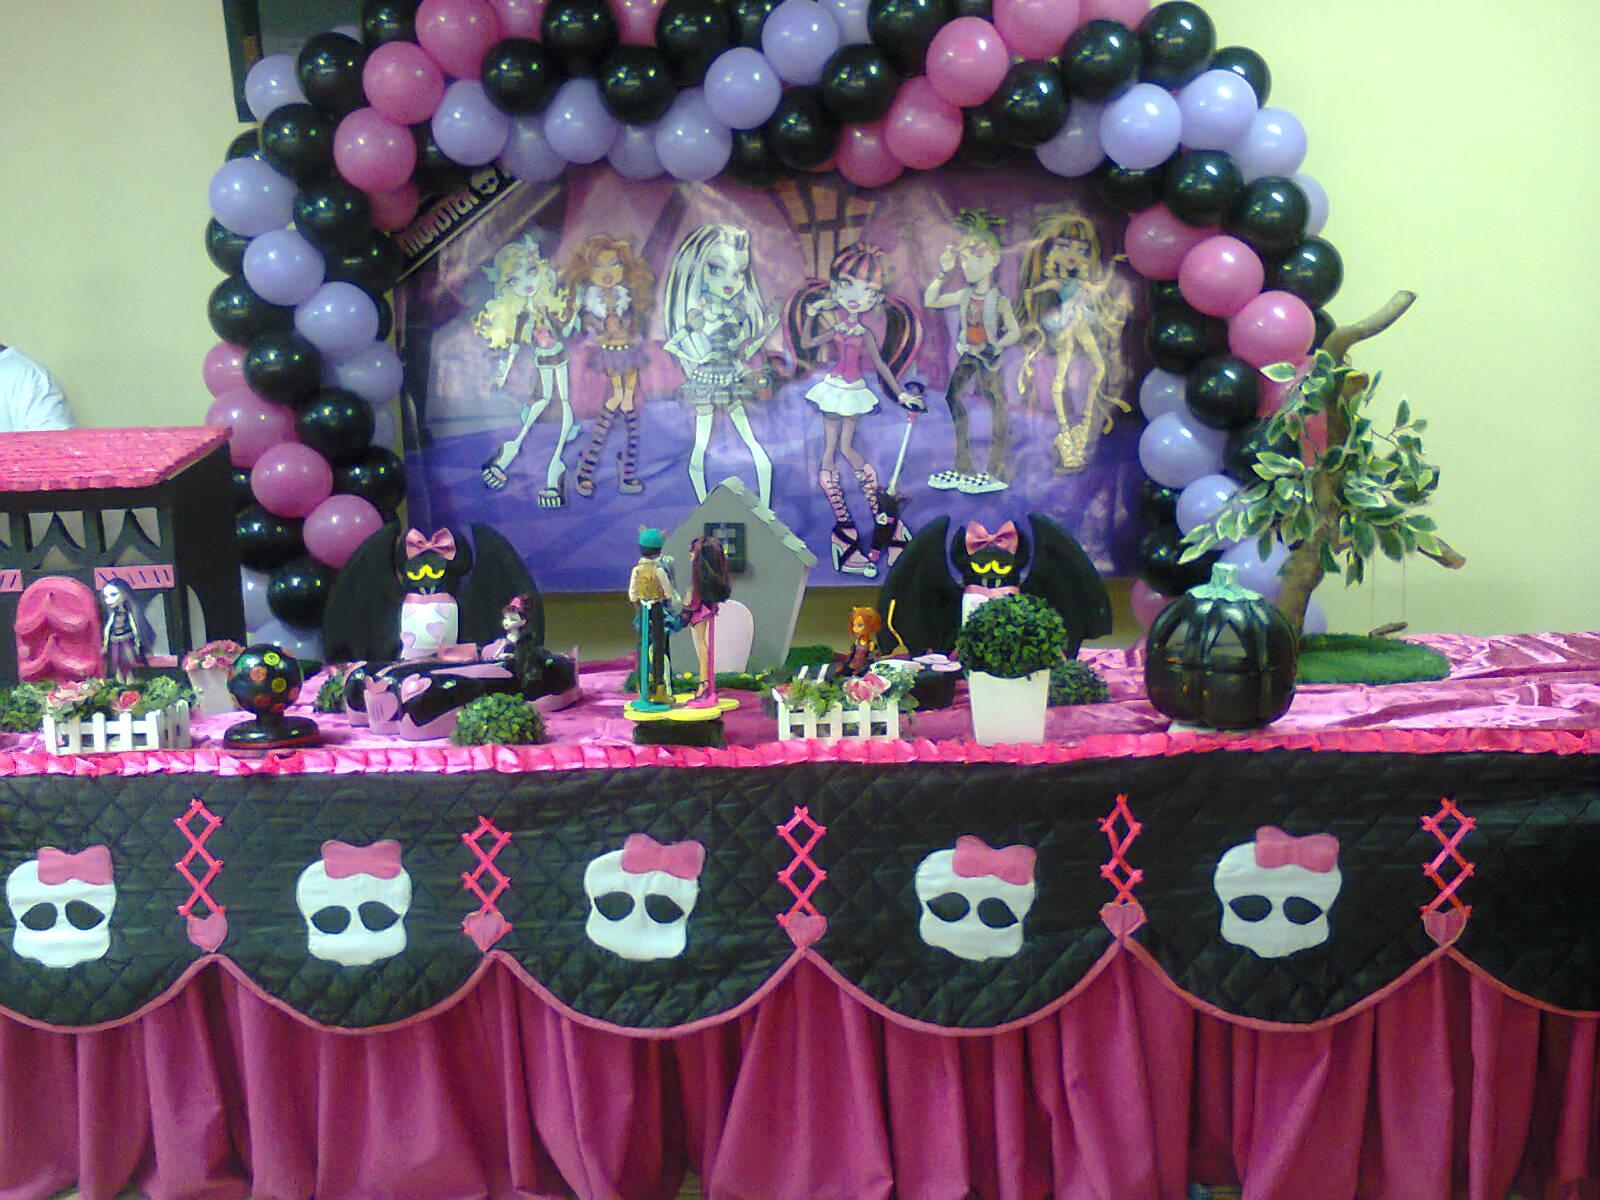 Festa | Ideias para aniversário com o tema Monster High